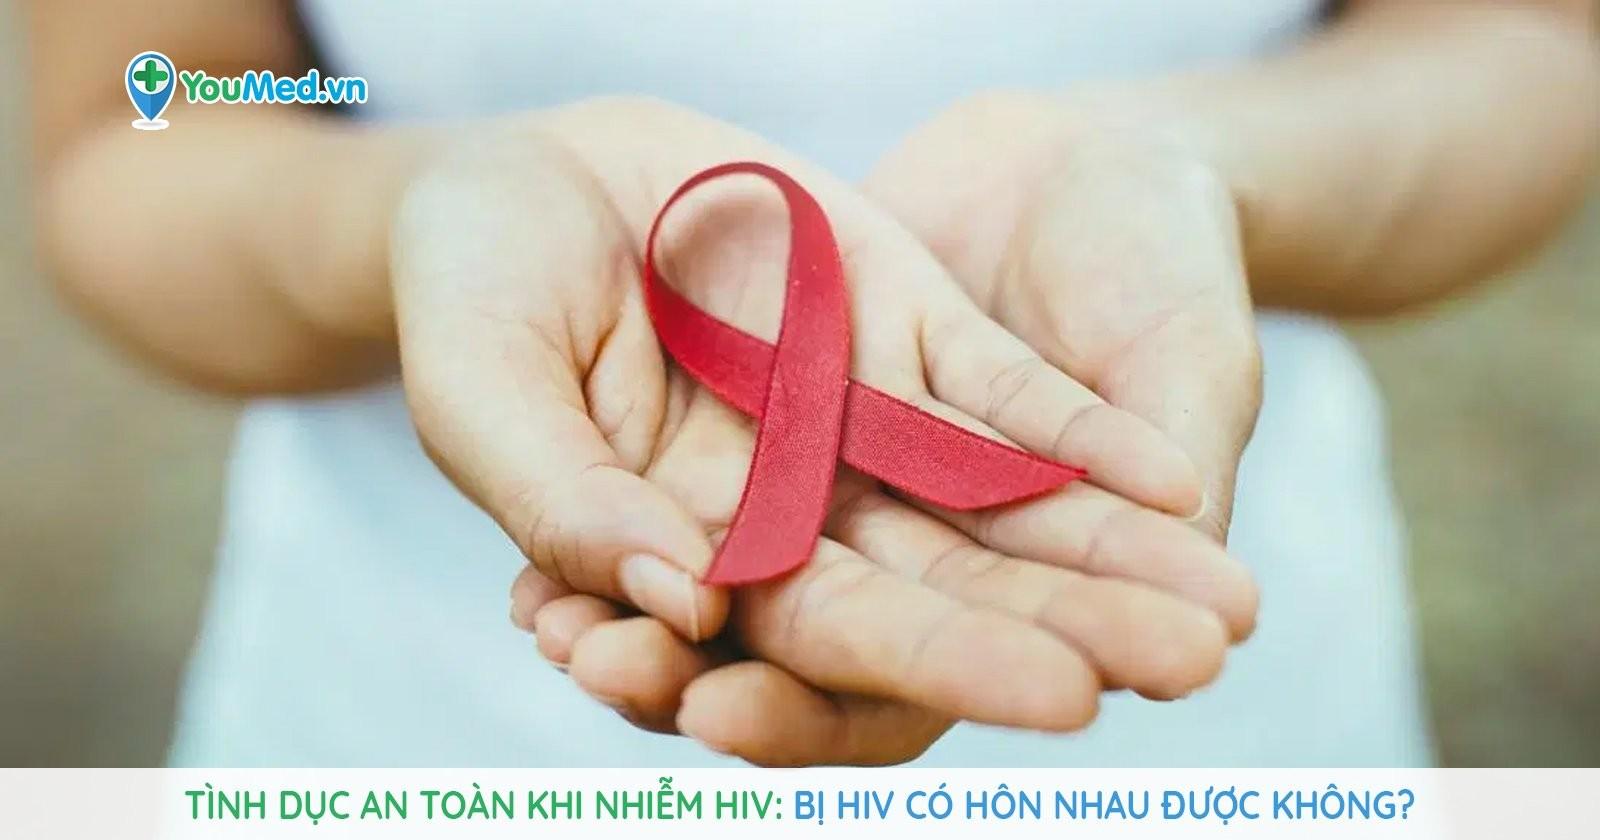 Tình dục an toàn khi nhiễm HIV: Bị HIV có hôn nhau được không?